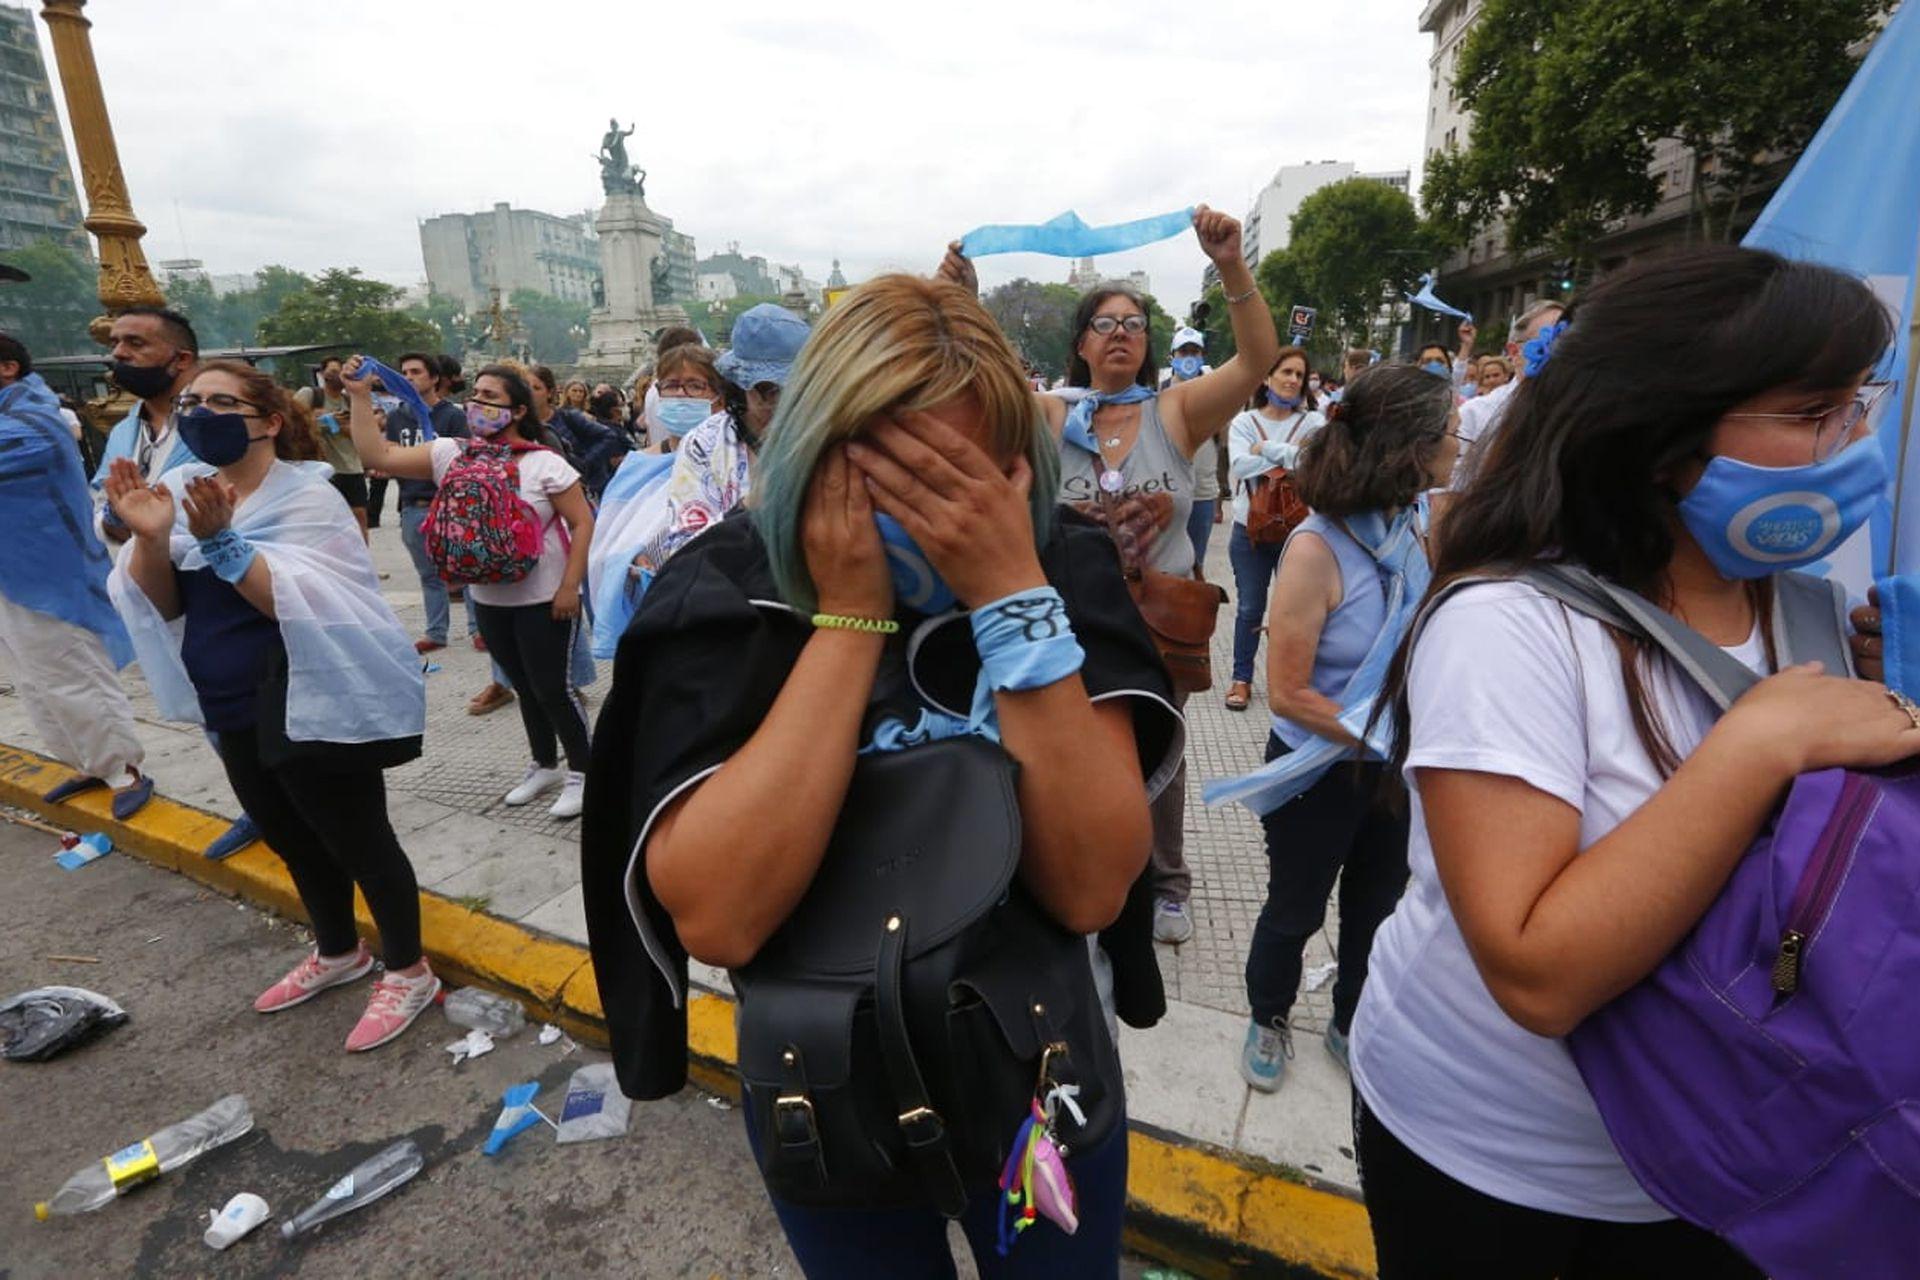 La decepción de los militantes pro vida tras el resultado de la votación en la cámara de diputados